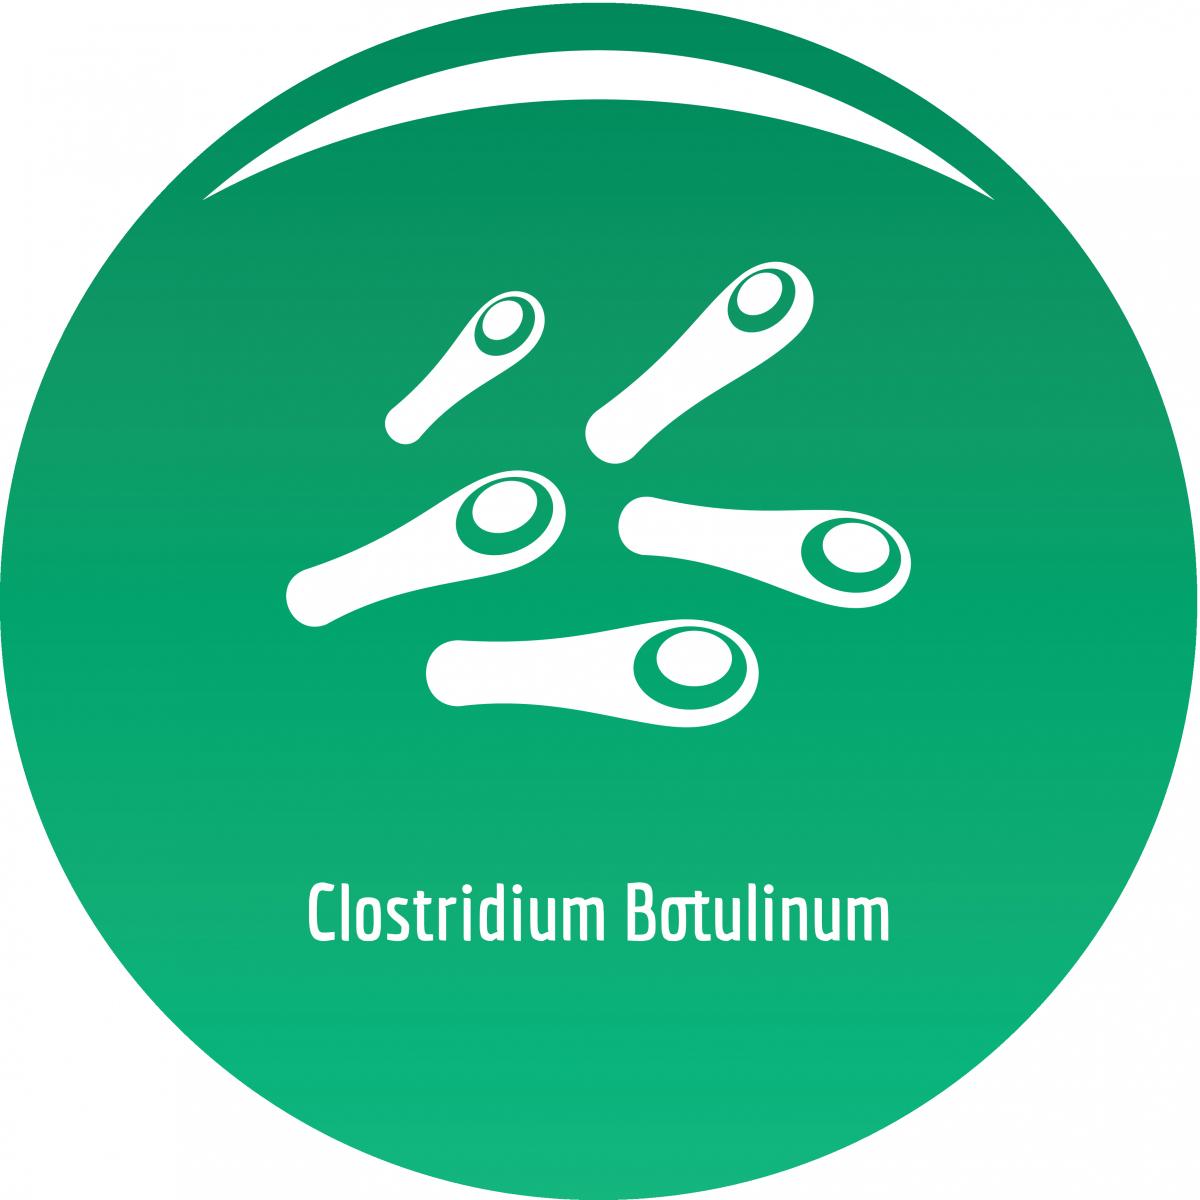 Tegnet bilde av clostridium botulinum. Bakterier inne i en grønn sirkel